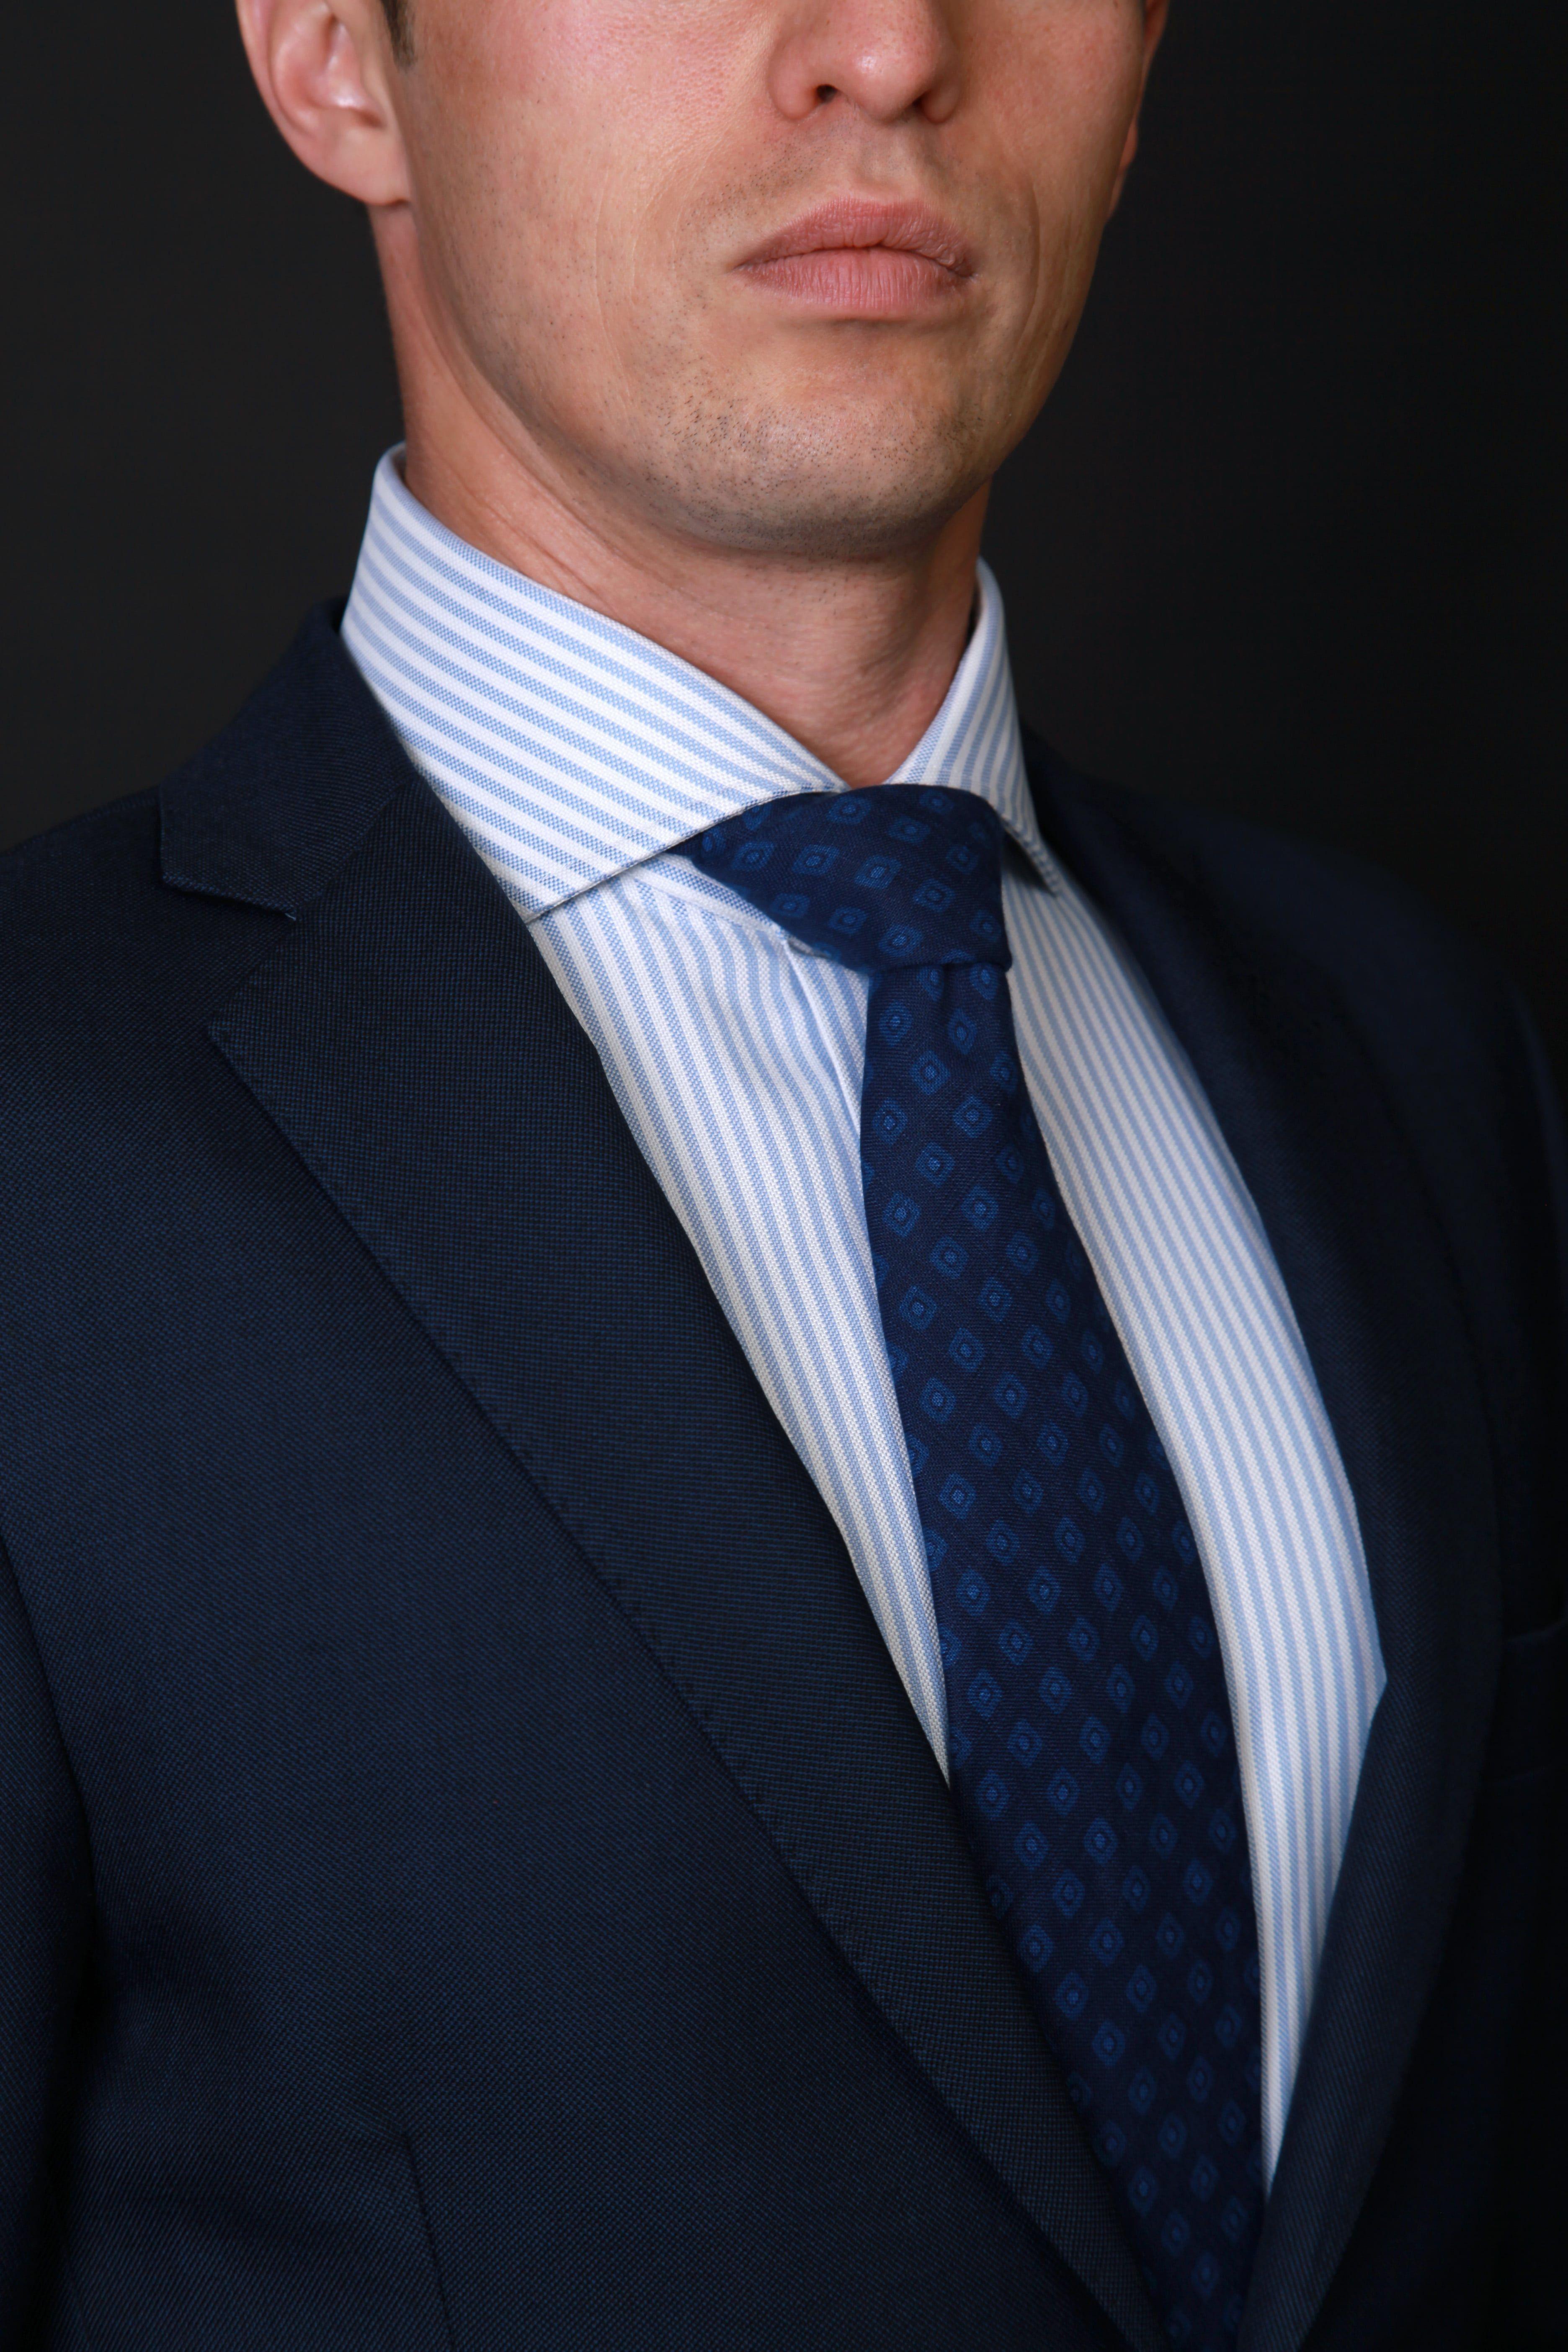 leader, chemise parfaite, leadership, image professionnelle, prise de mesures, chemise bleue tissu égyptien, chemise sur mesure, coffret cadeau chemise sur mesure, coffret cadeau homme, bon cadeau chemise sur mesure, chemise business, chemise rayée, chemise homme, clotilde ranno, chemise col cutaway, belle chemise, chemise luxe, chemise classique, dandy, chemise dandy, comment porter cravate